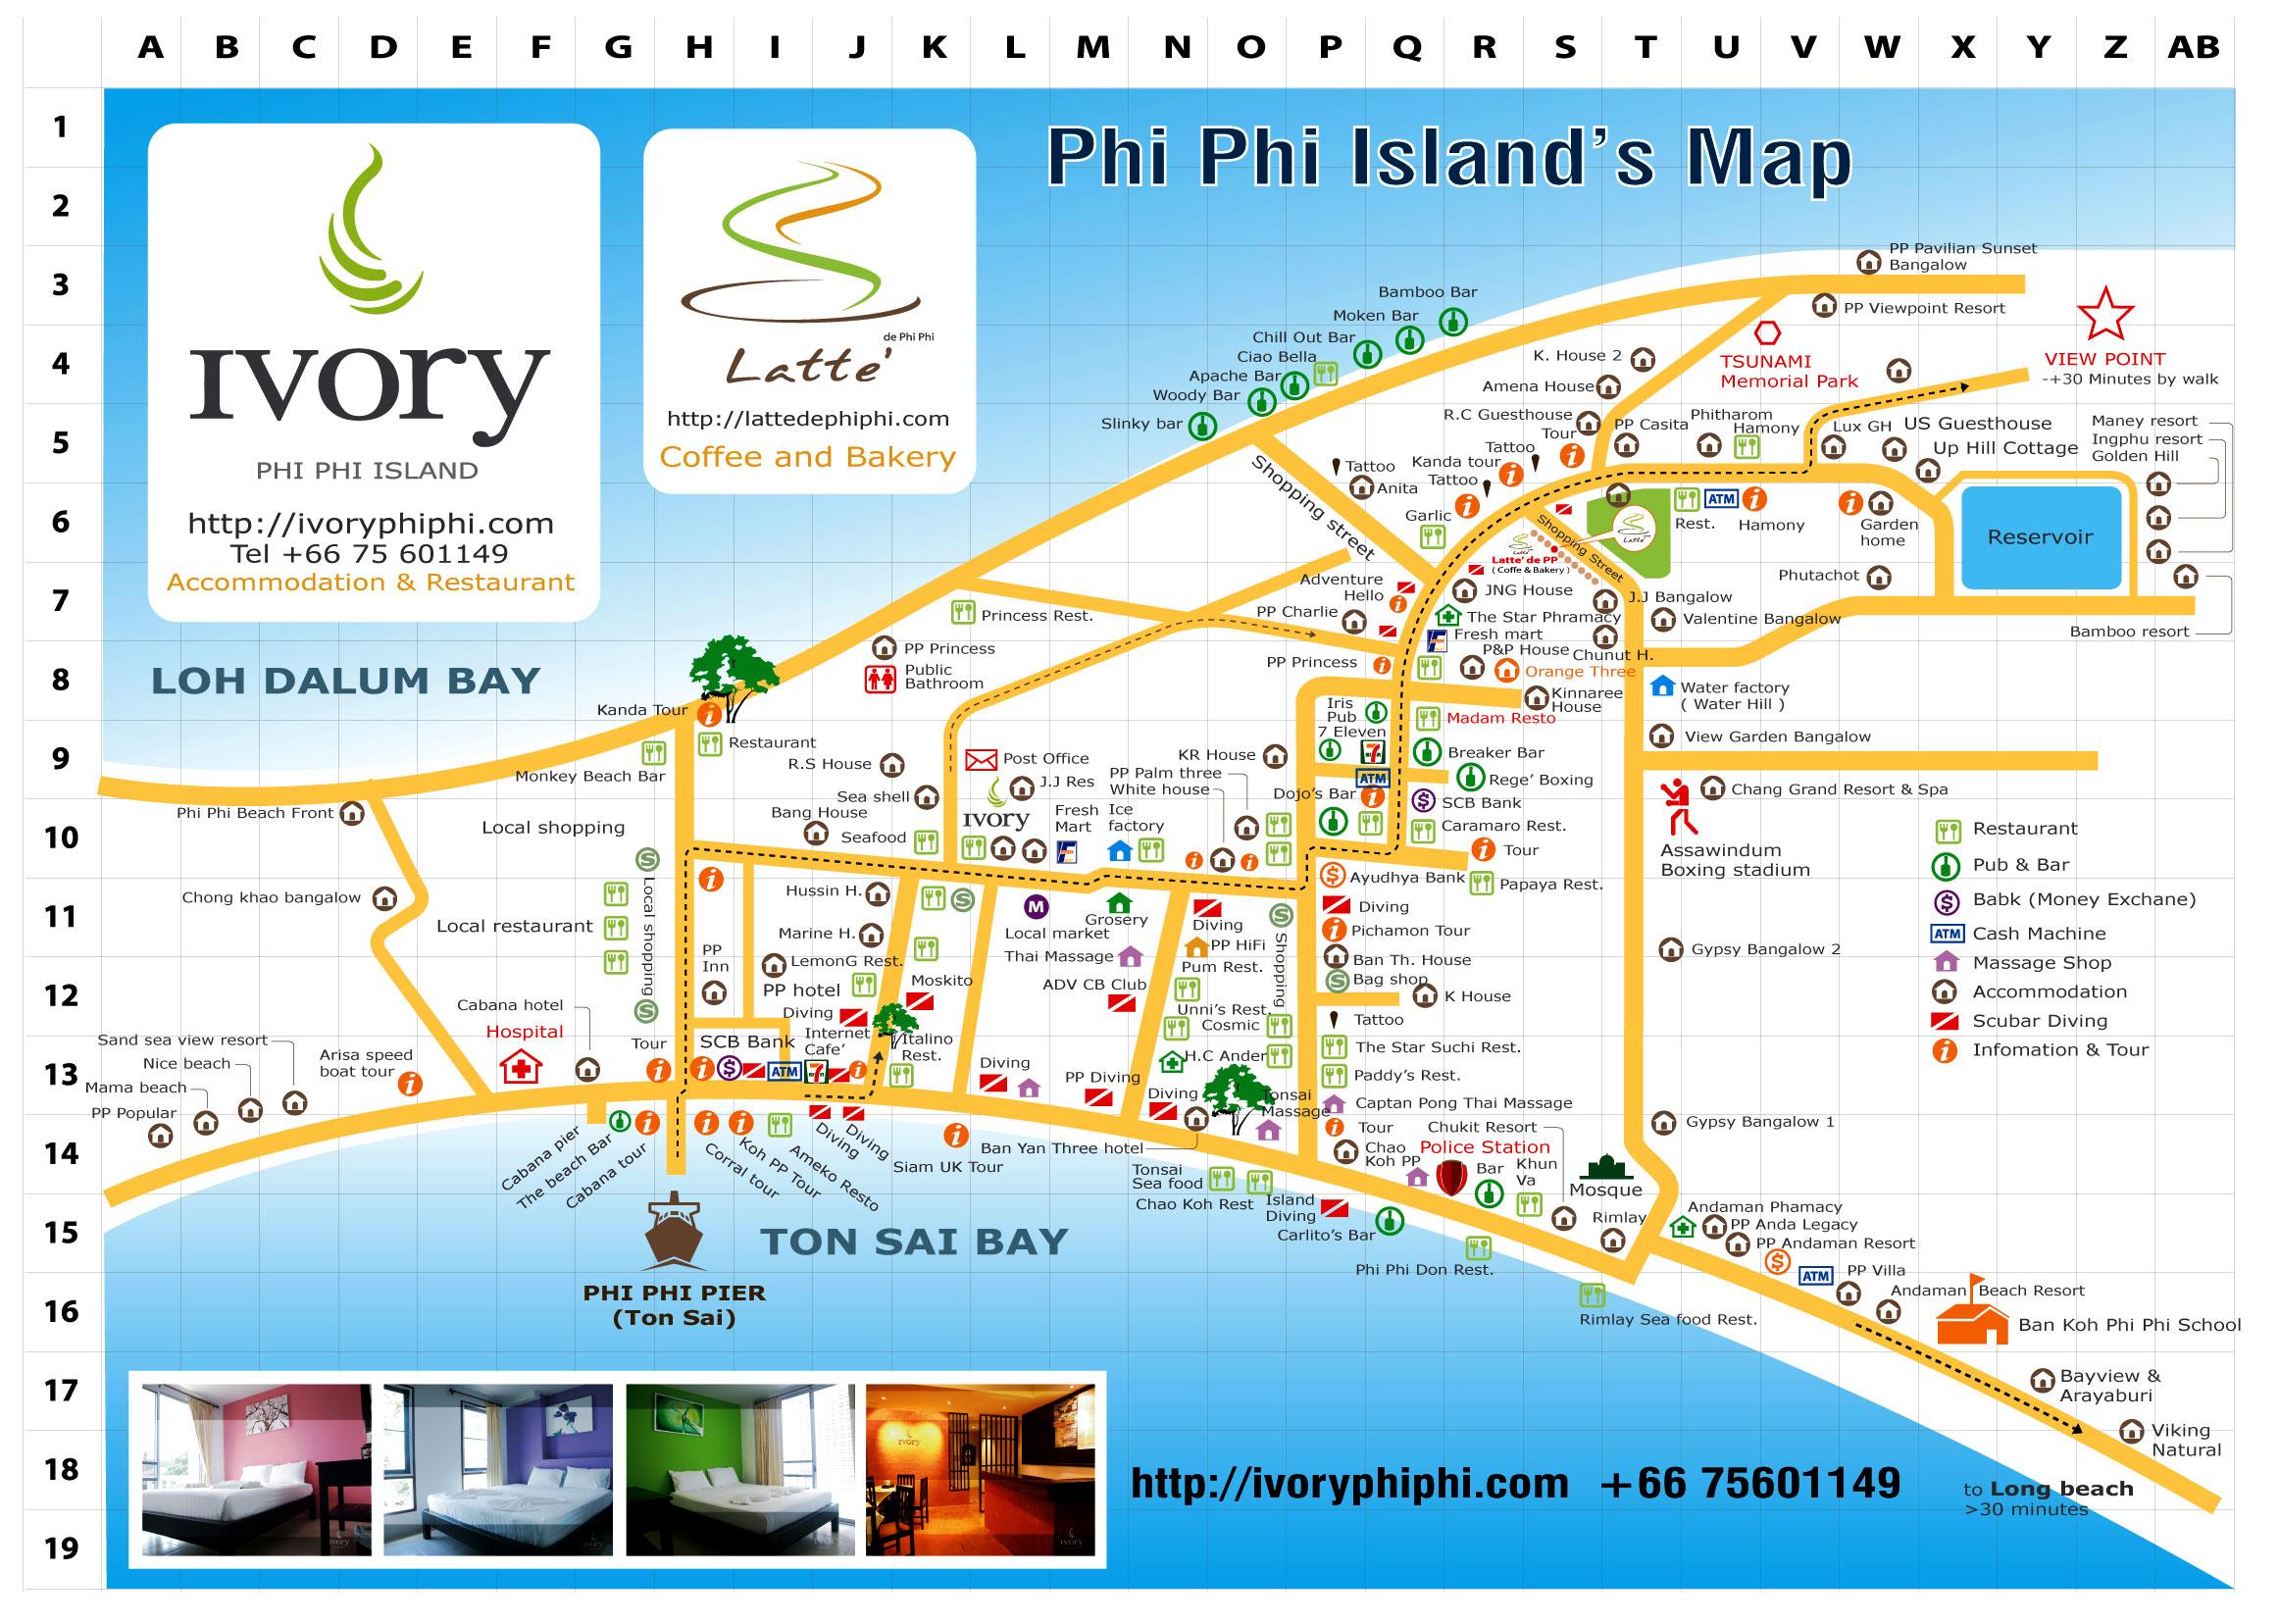 Острова Пхи Пхи в Тайланде фото отели пляжи погода карта